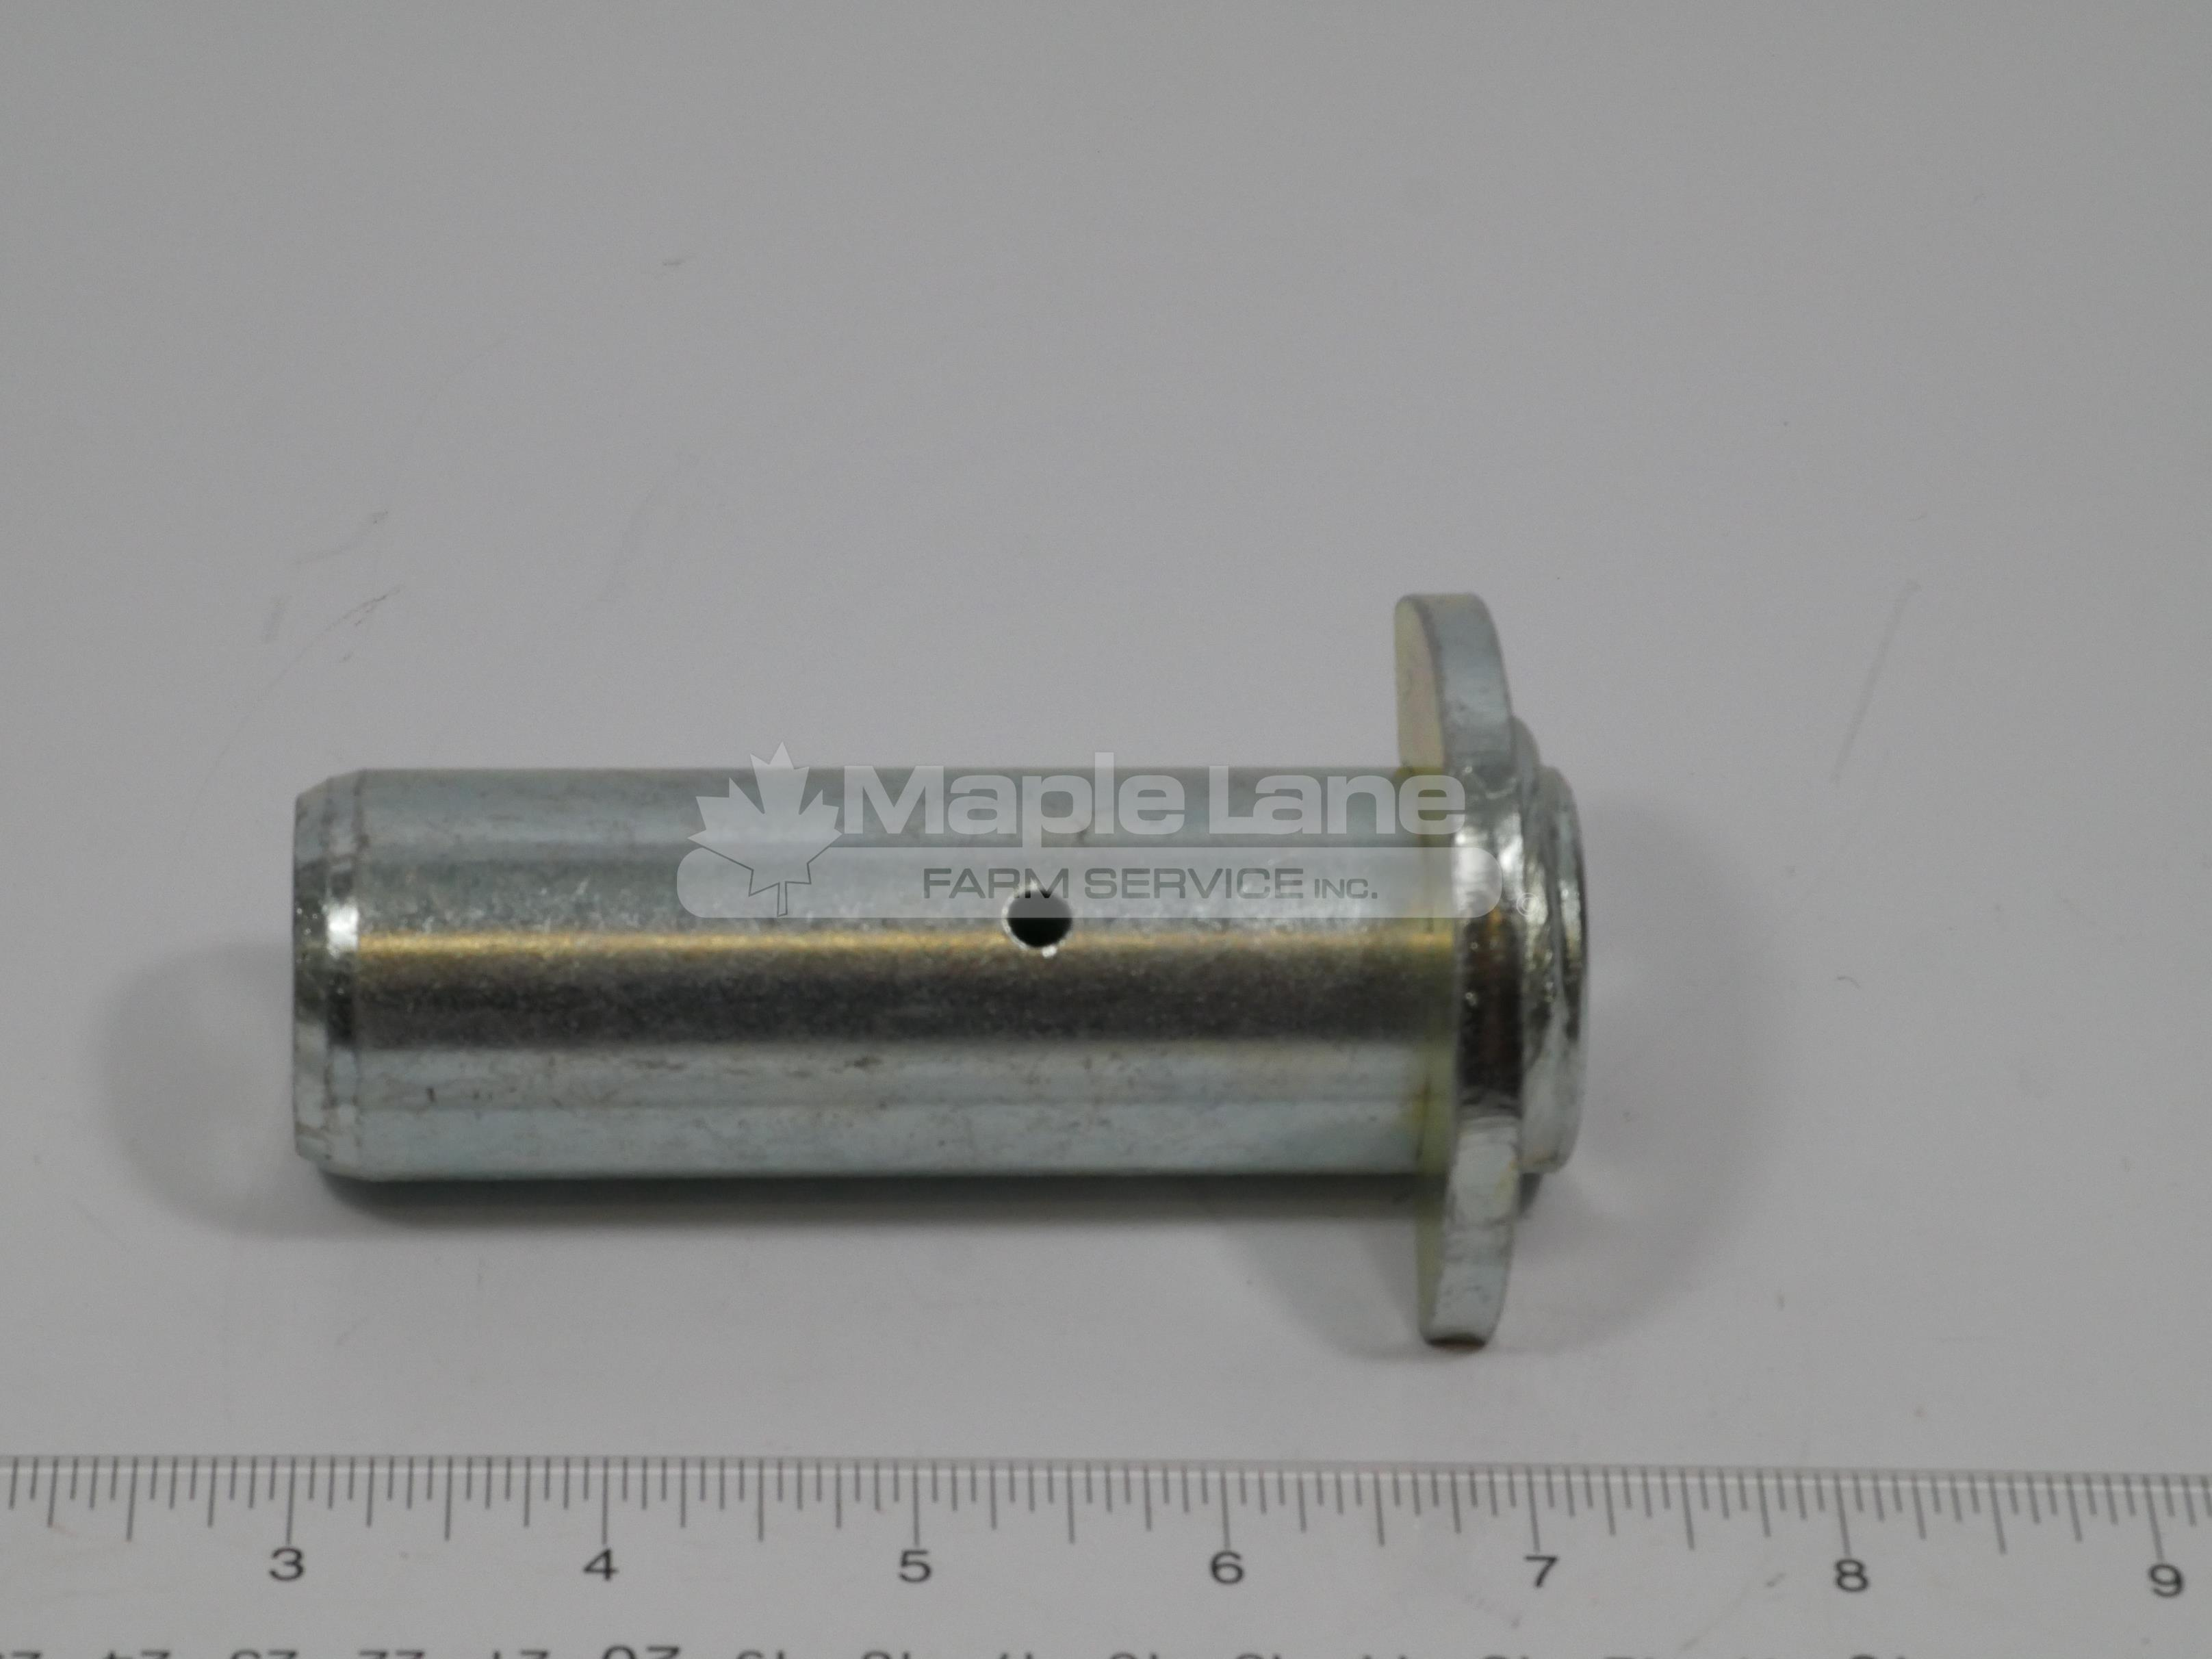 al1116938 pin